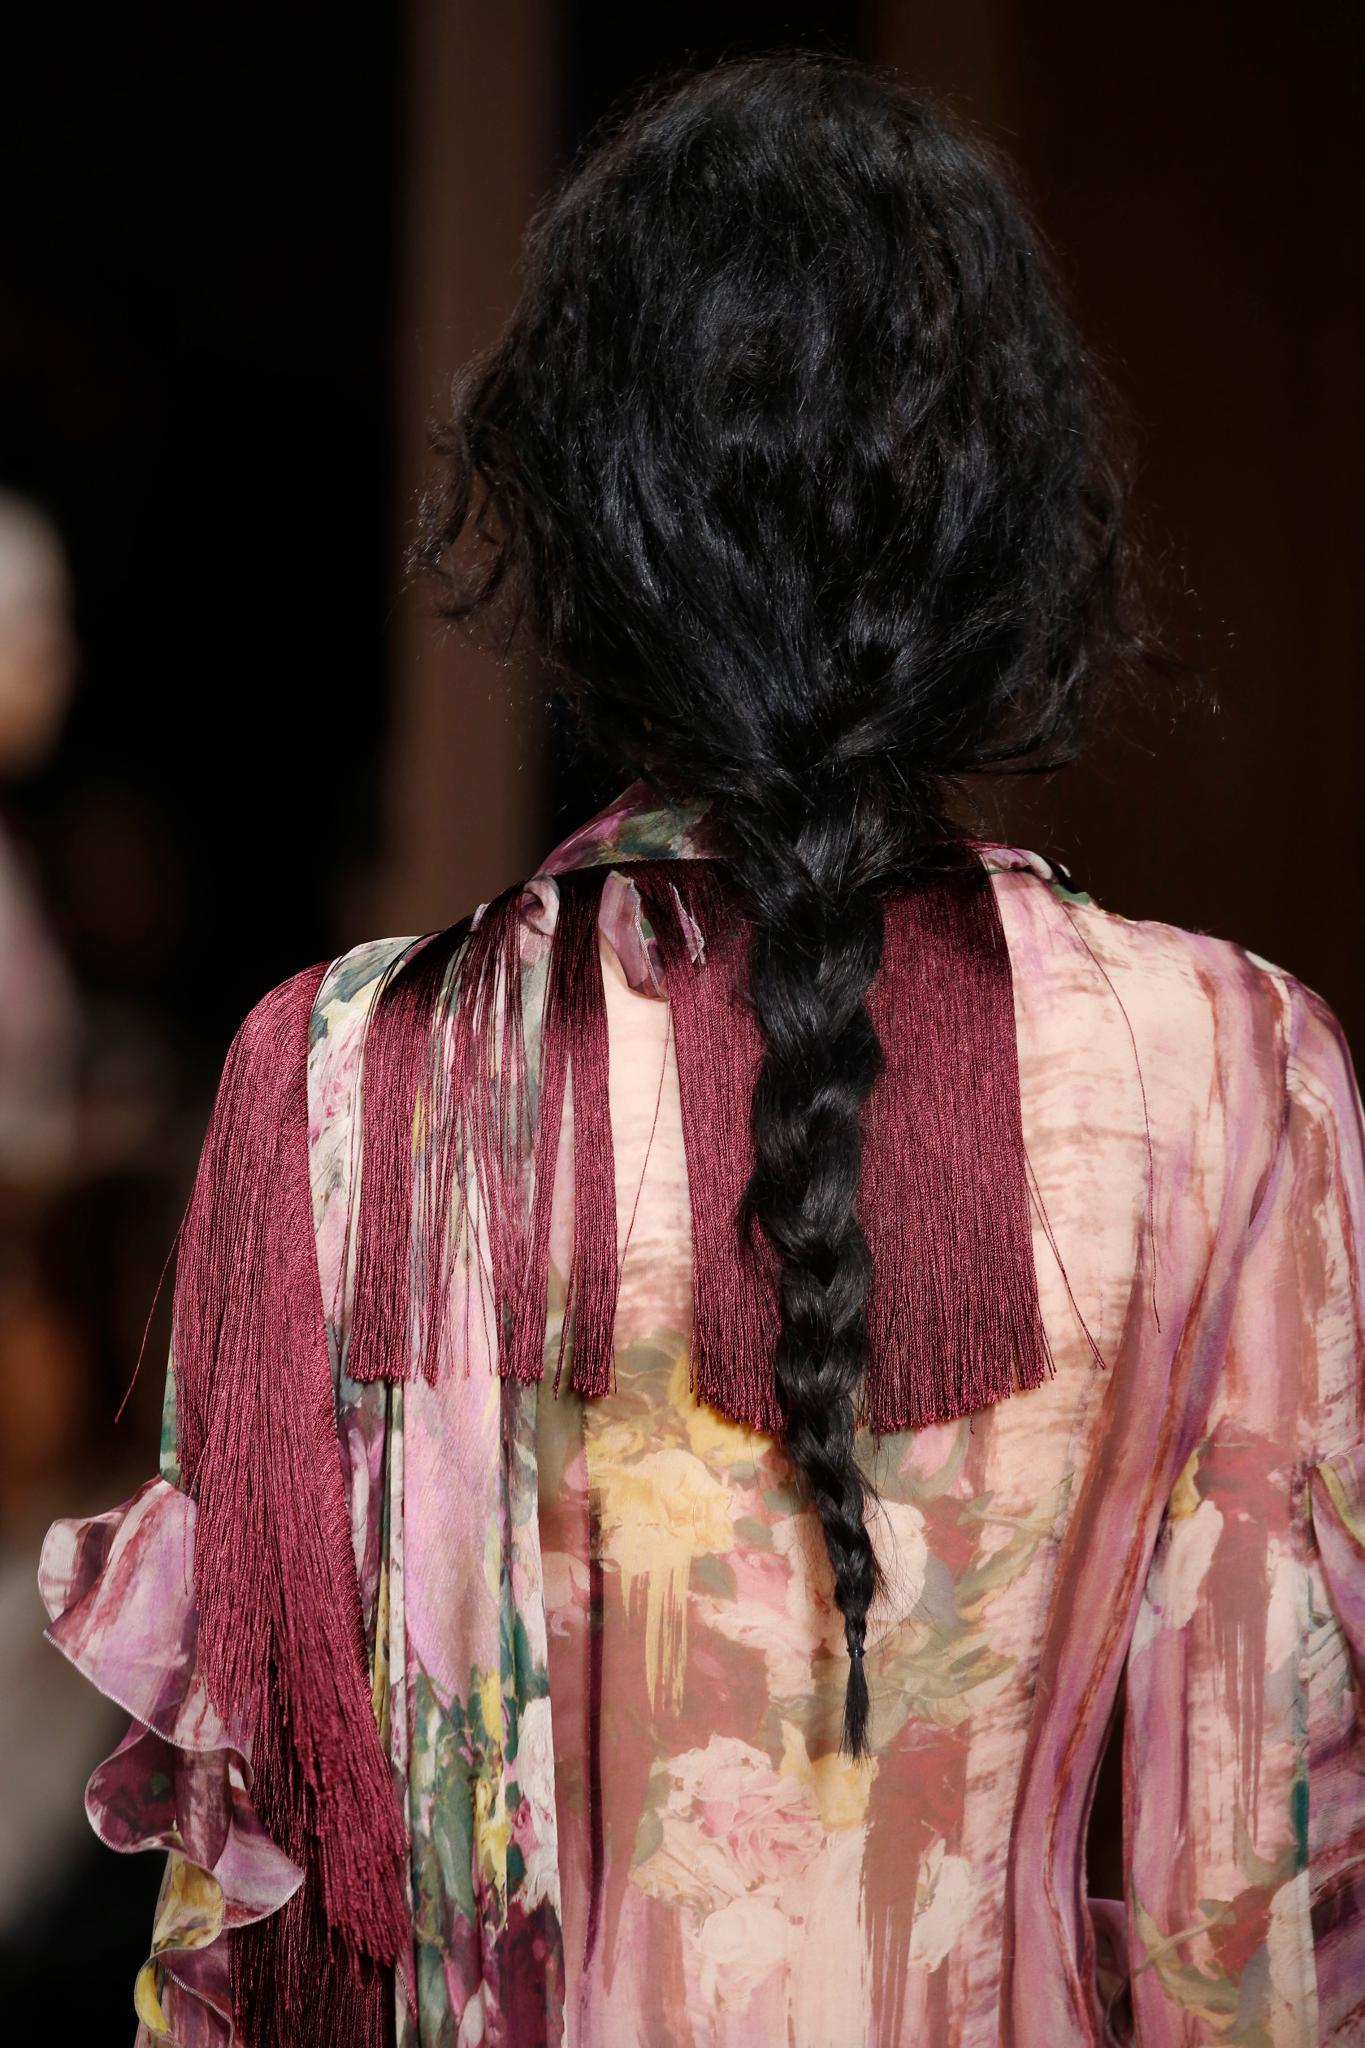 Vista desde atrás de trenza en cabello negro